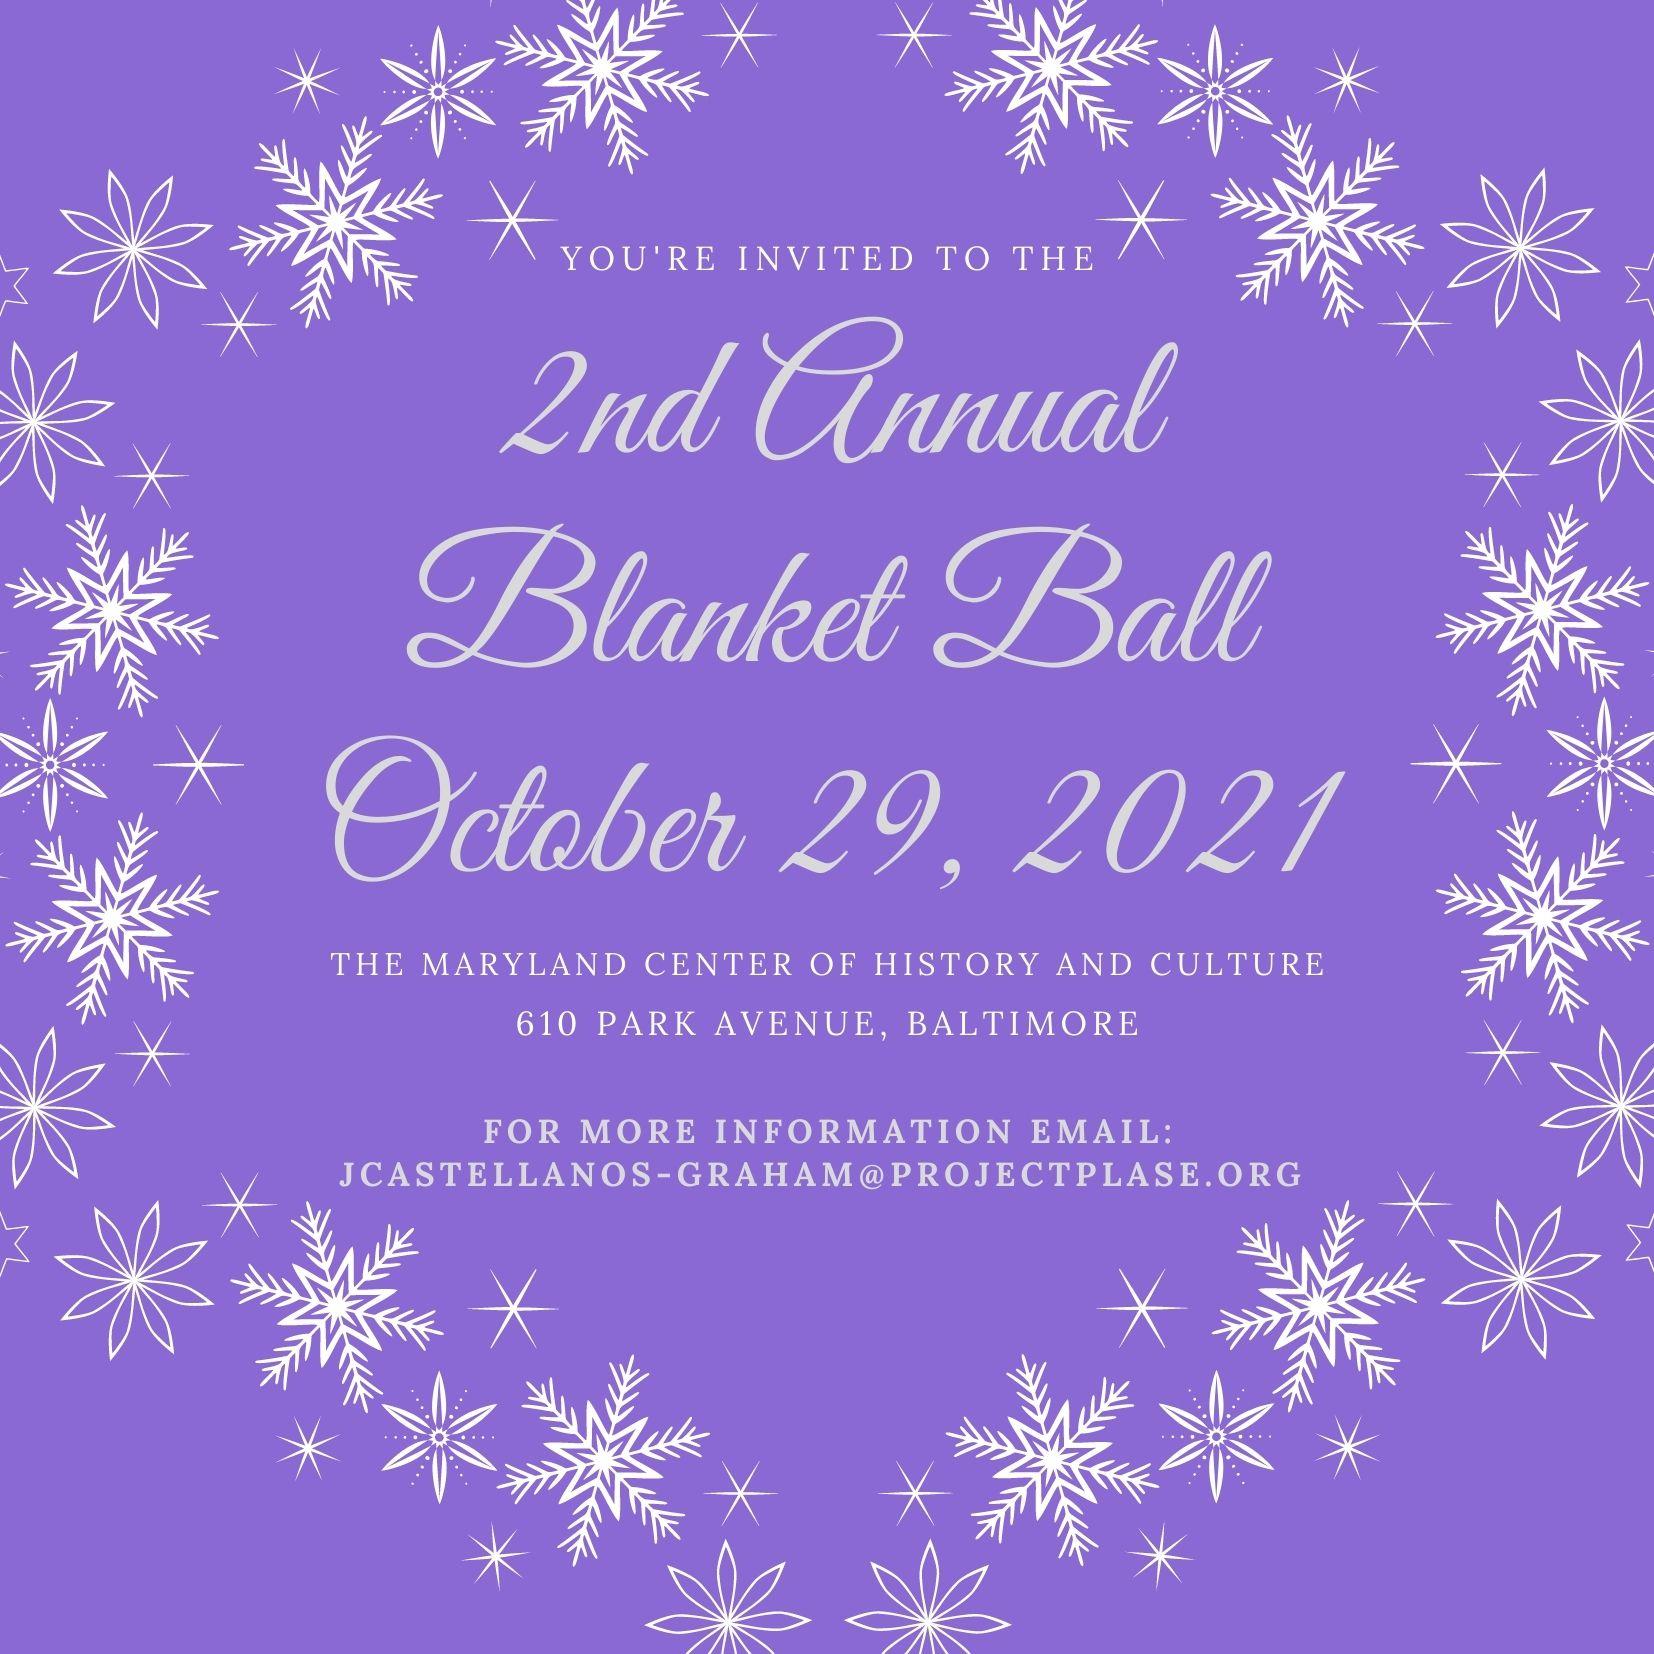 Blanket Ball Invitation - October 29th